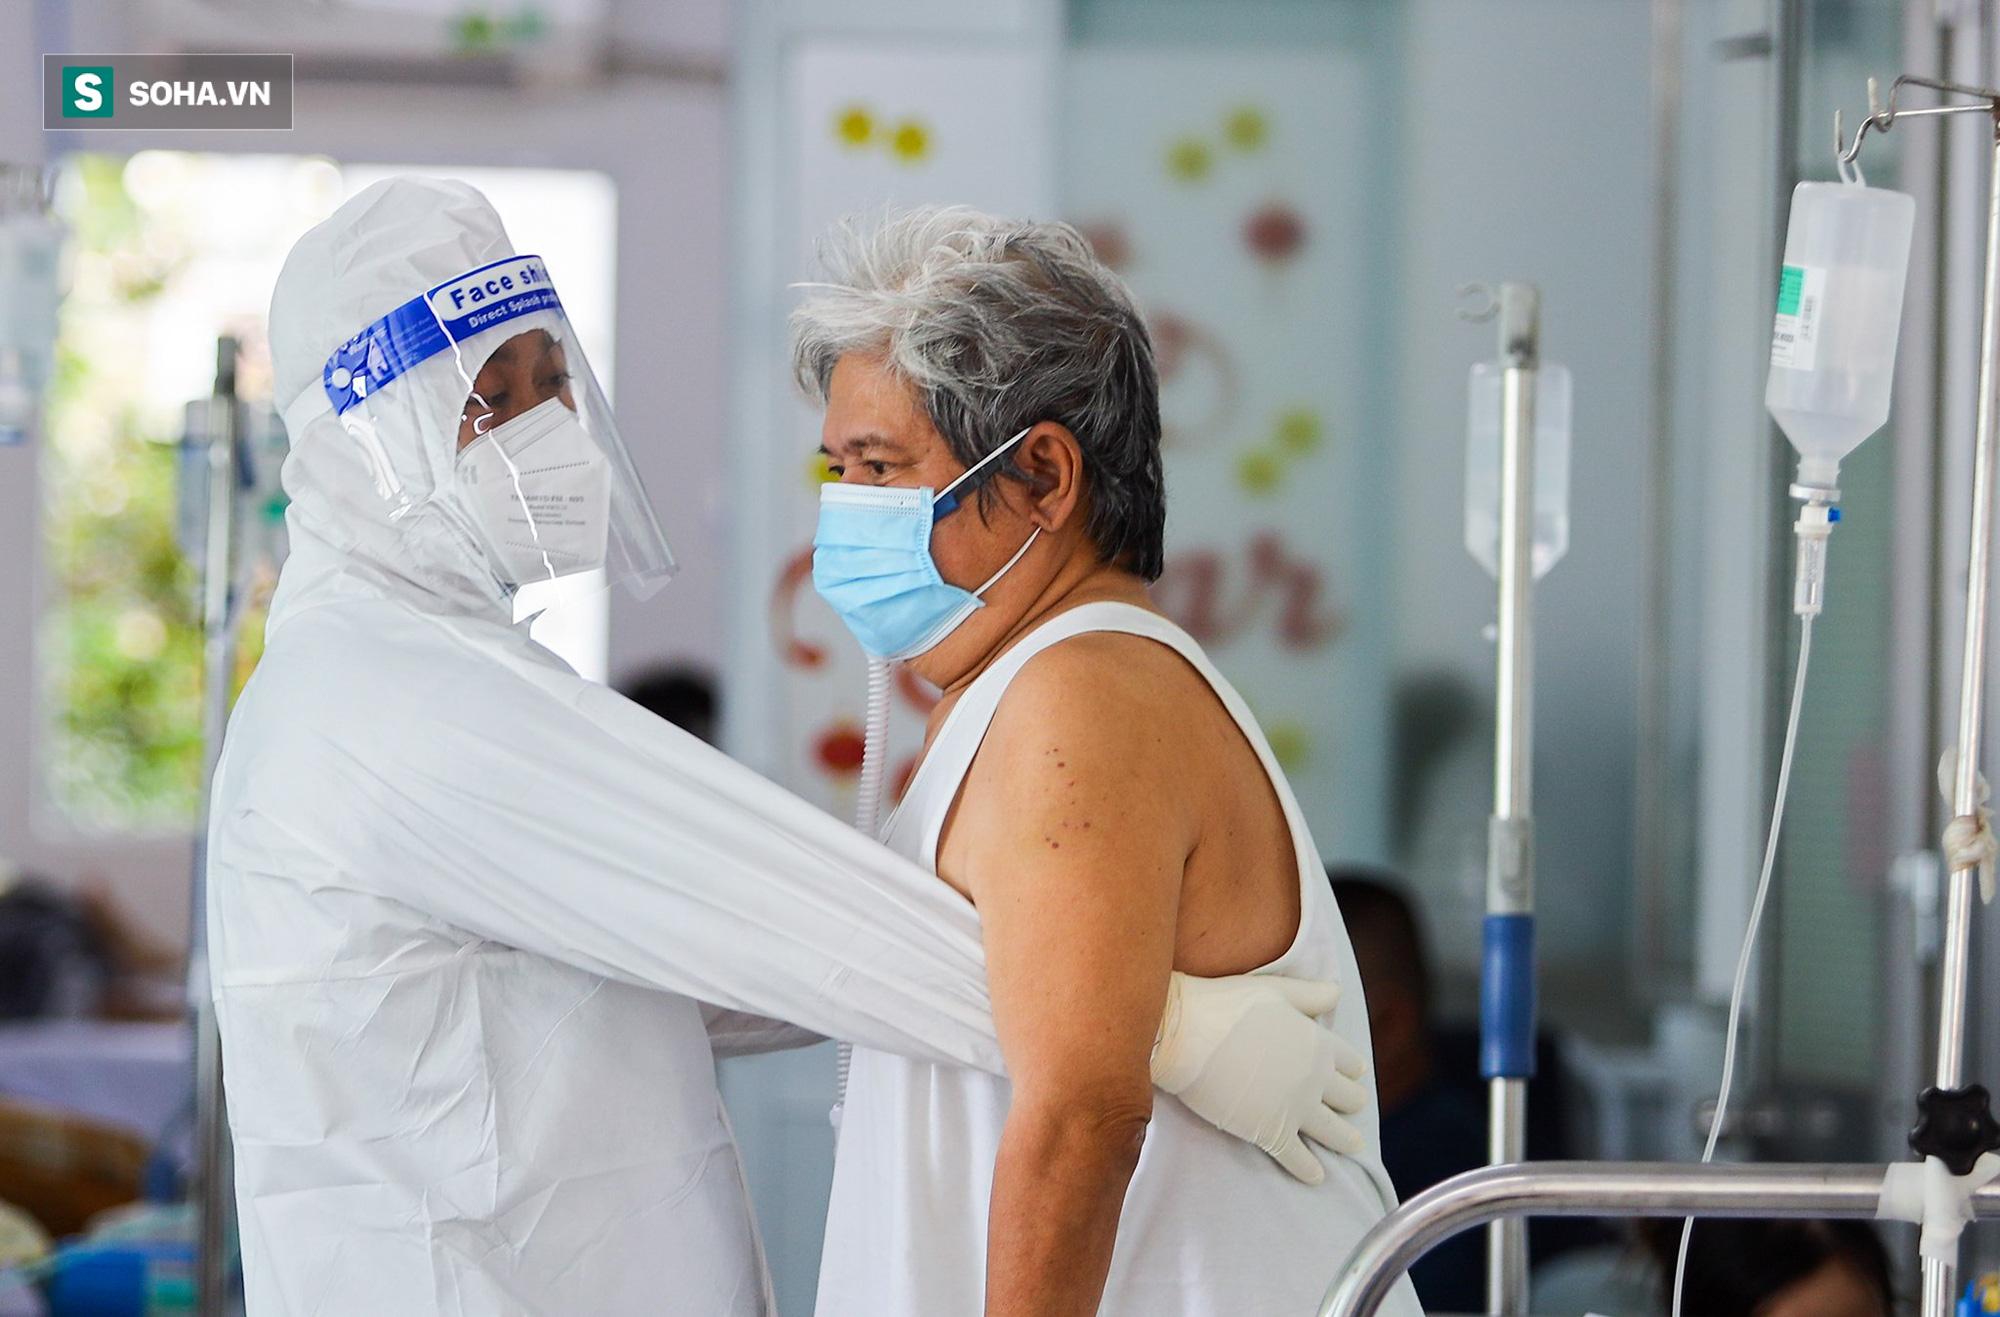 Lớp tập cai máy thở, tập đi và sự hồi phục kỳ diệu của những bệnh nhân mắc Covid-19 nặng - Ảnh 8.